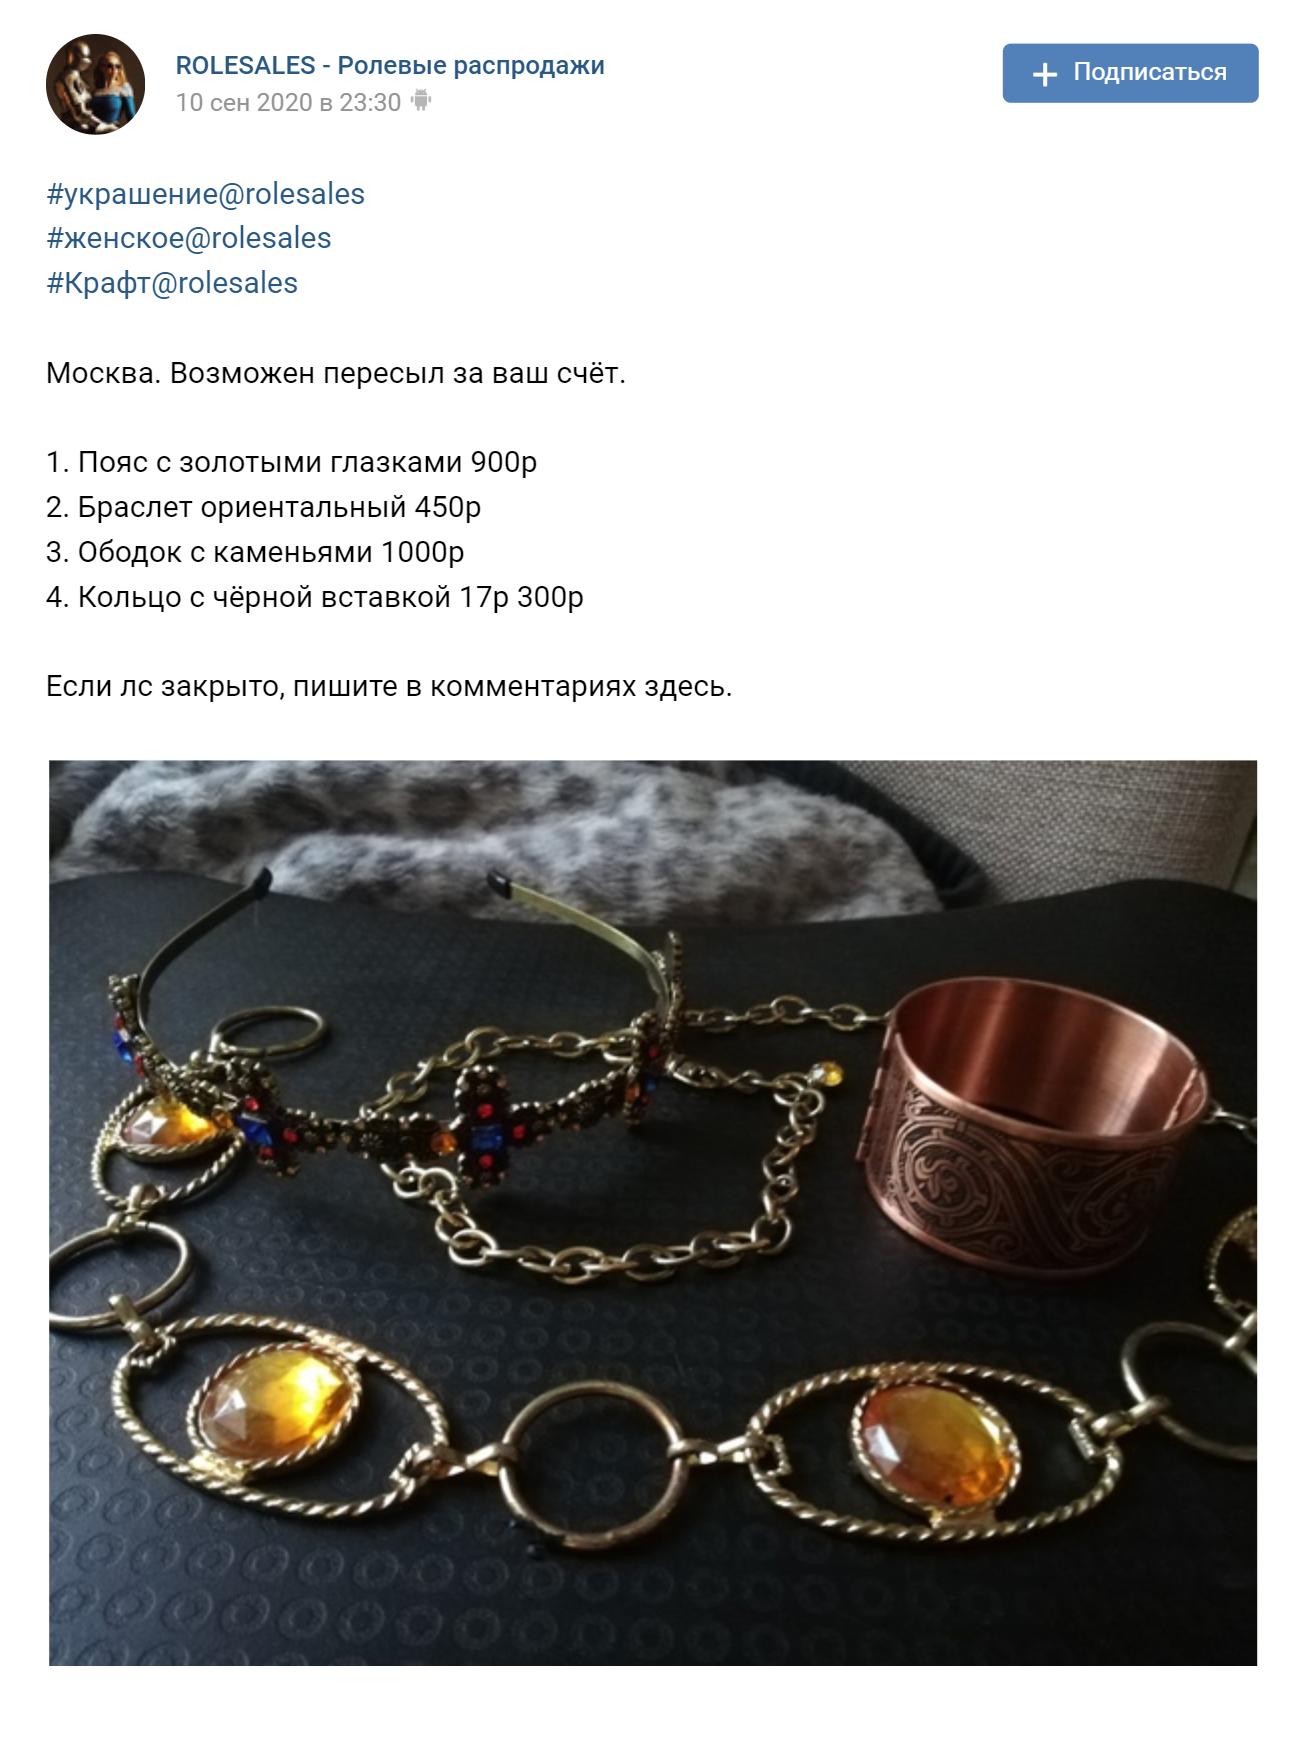 Вот такие кольца, ободки и колье продаются набарахолках всоцсетях. Источник: группа Rolesales